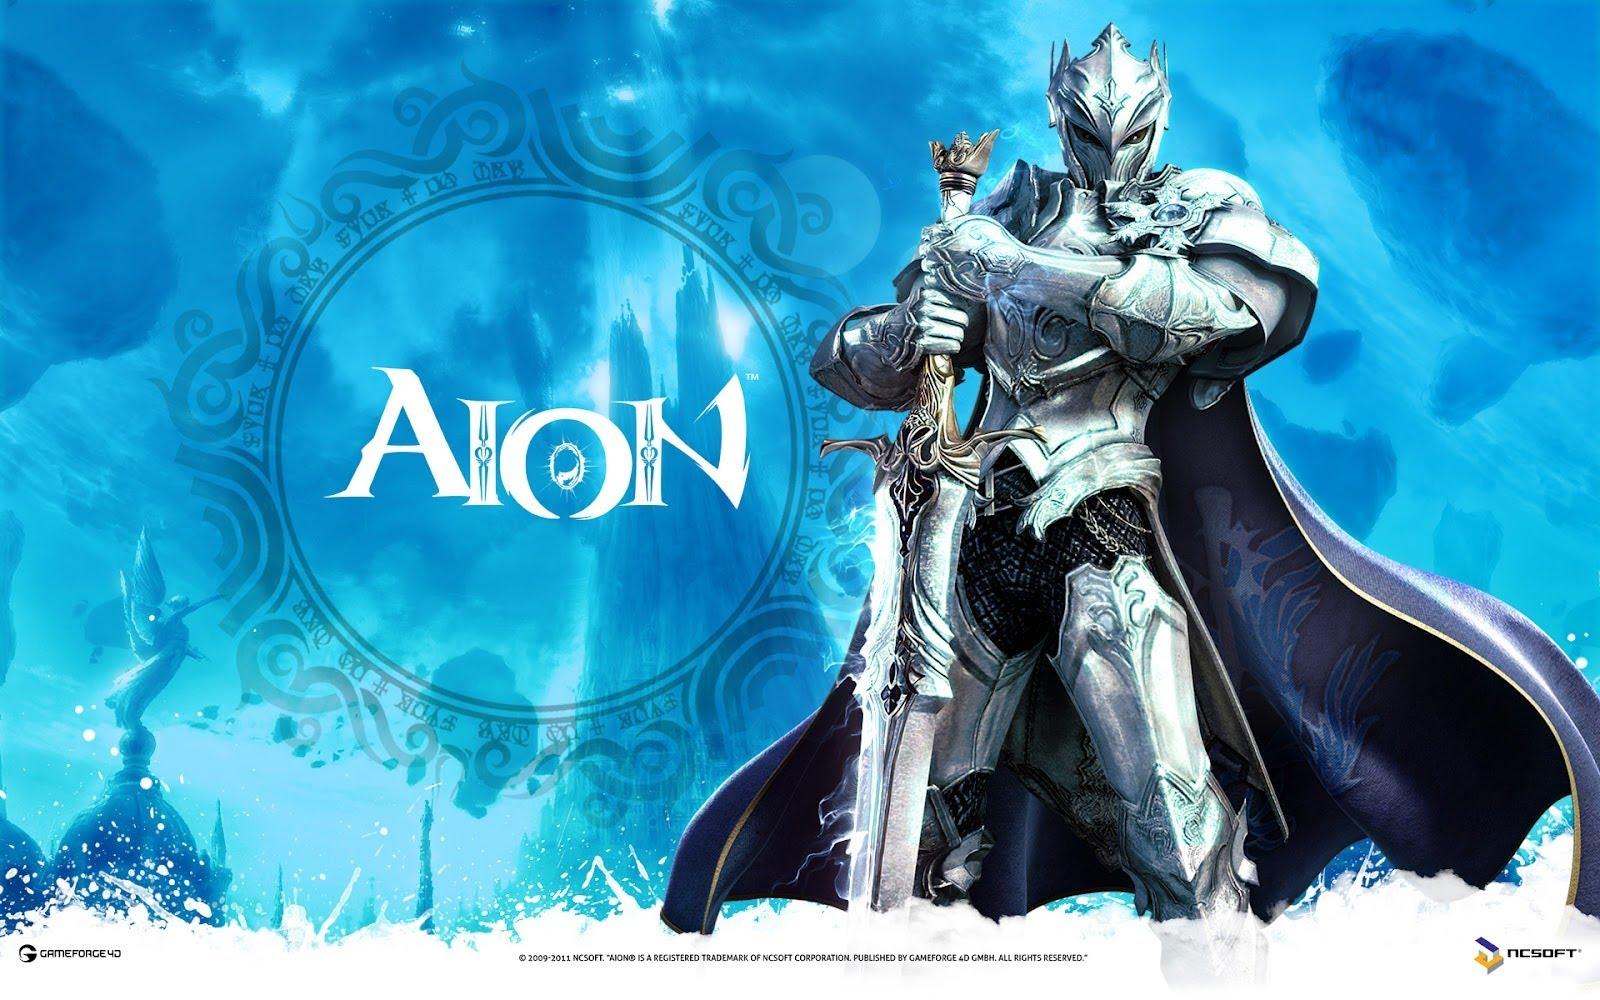 """Кинары в """"Айон"""" и секреты популярности онлайн-игры «Aion»"""